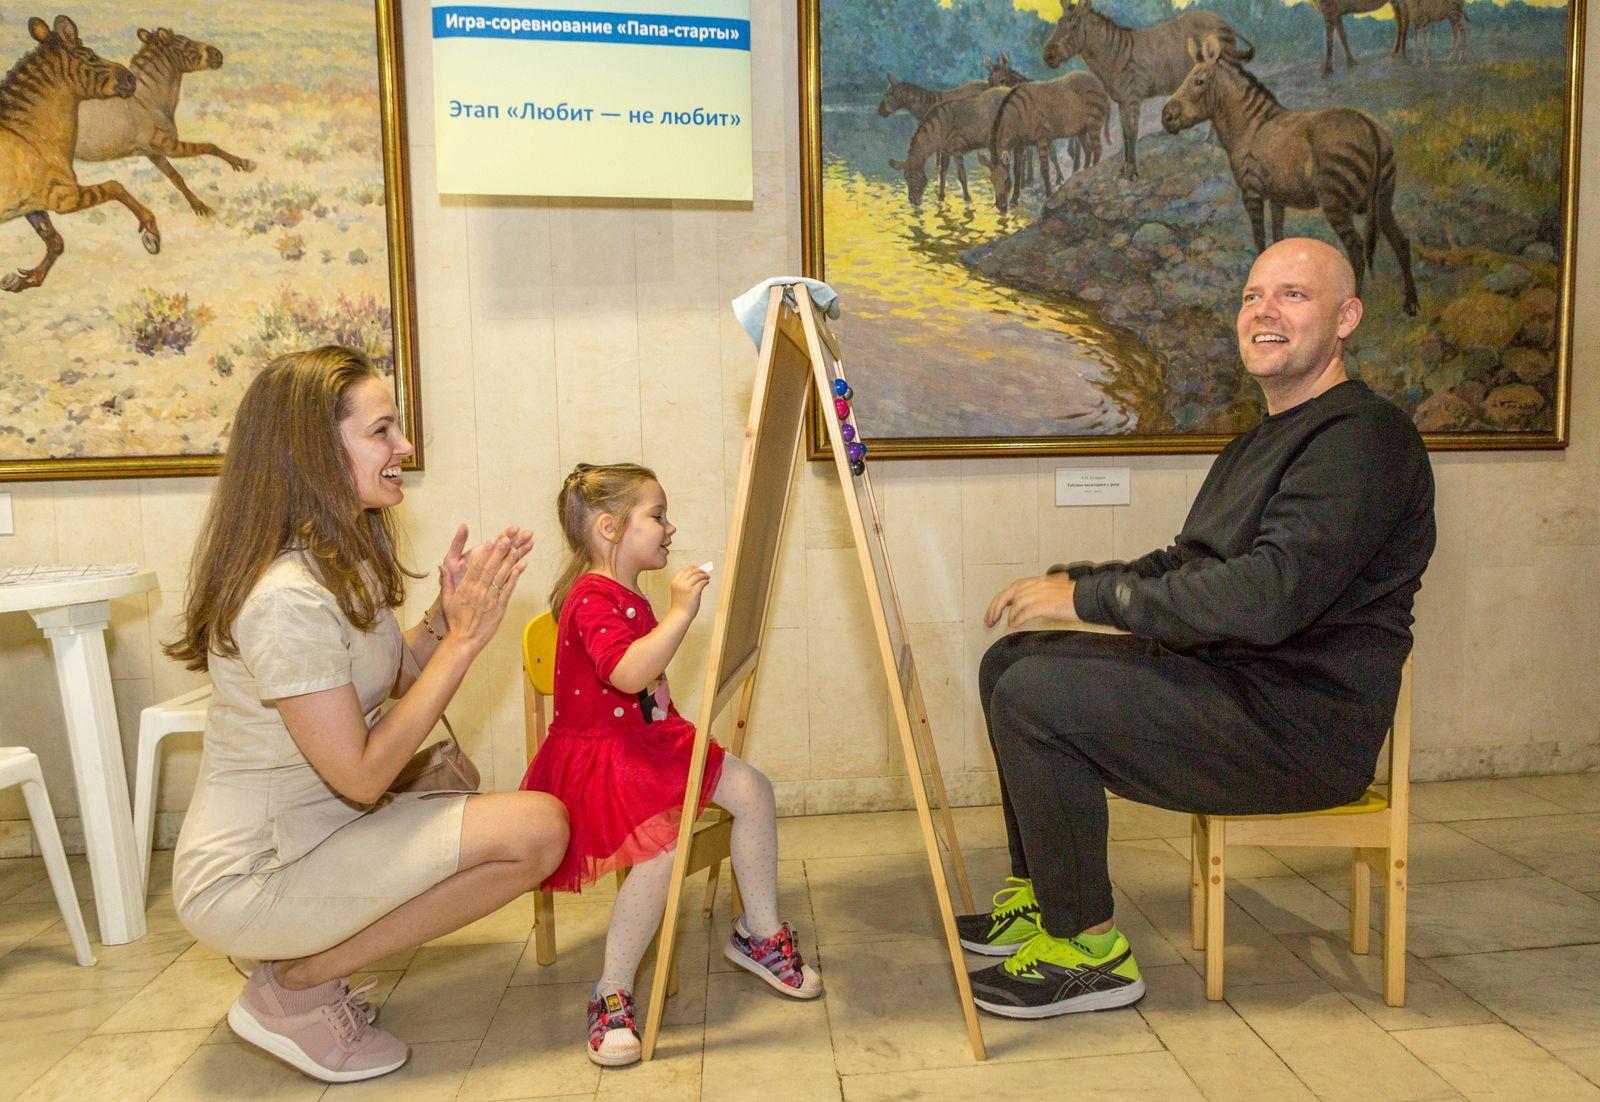 Подмосковные Робинзоны и «Папа-старты»: в Дарвиновском музее проведут «День отца»